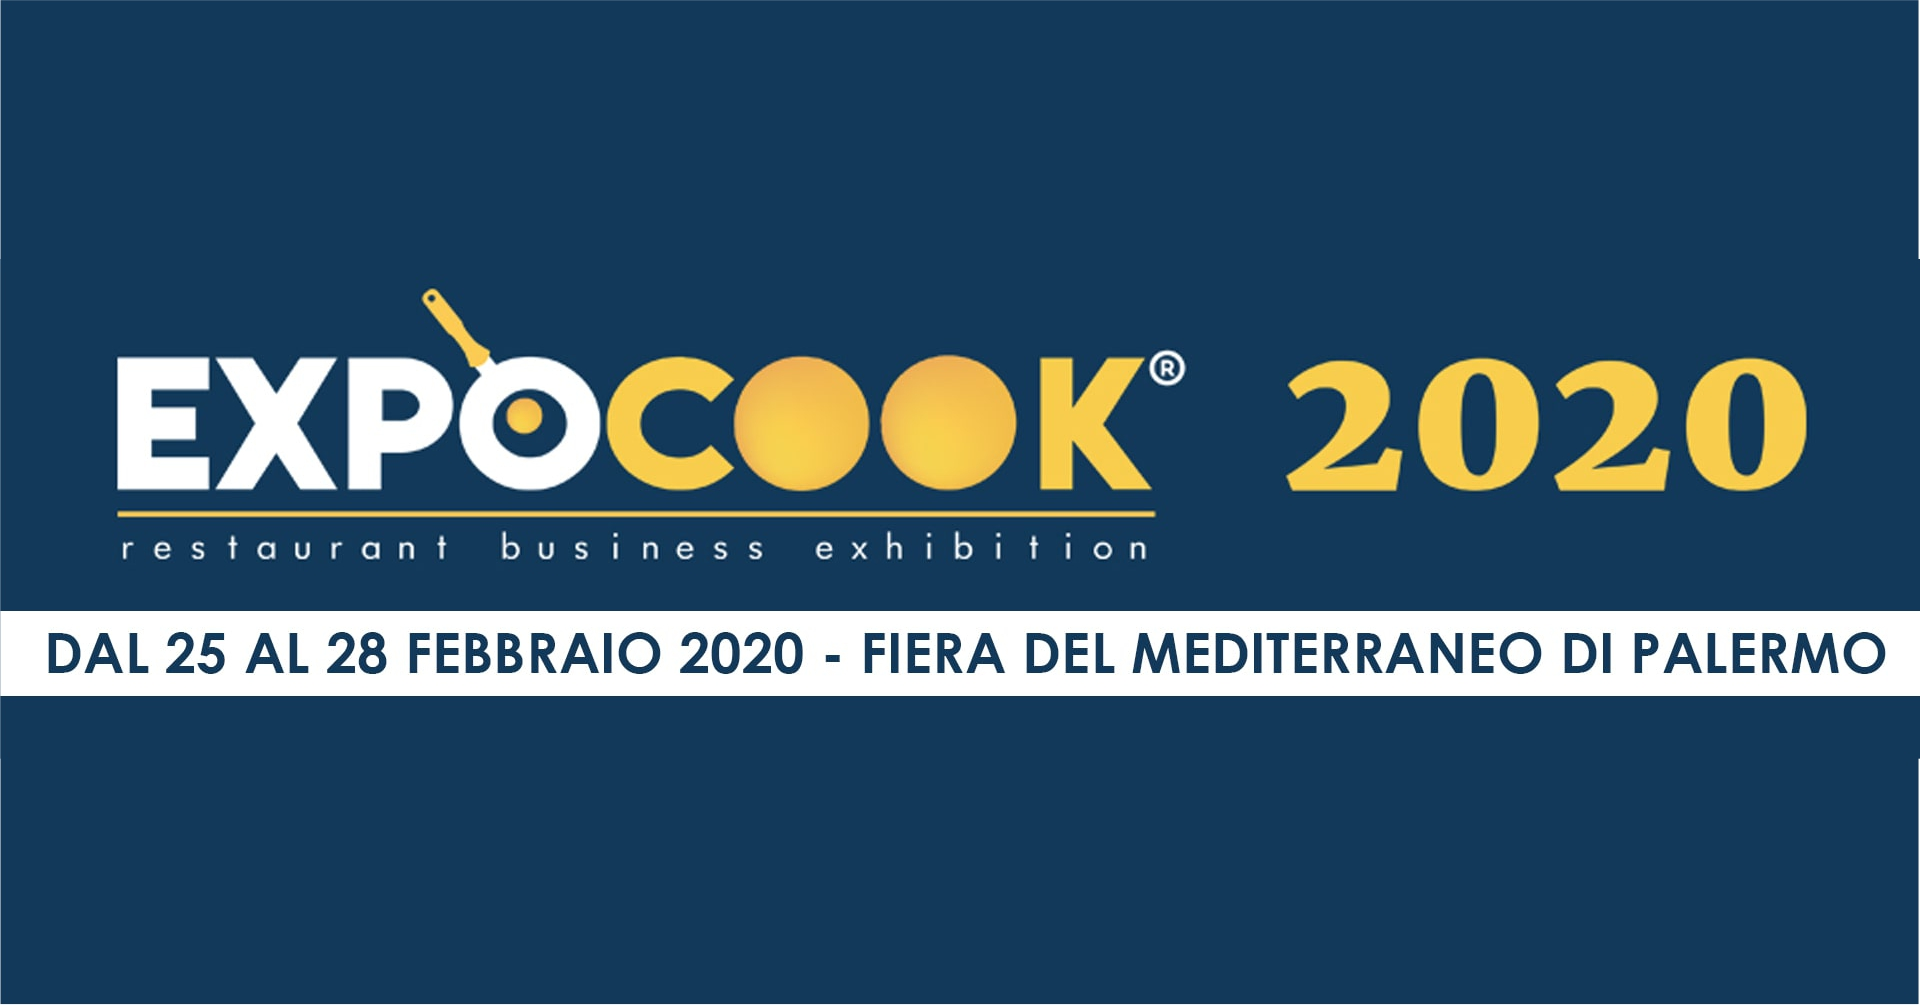 expocook 2020